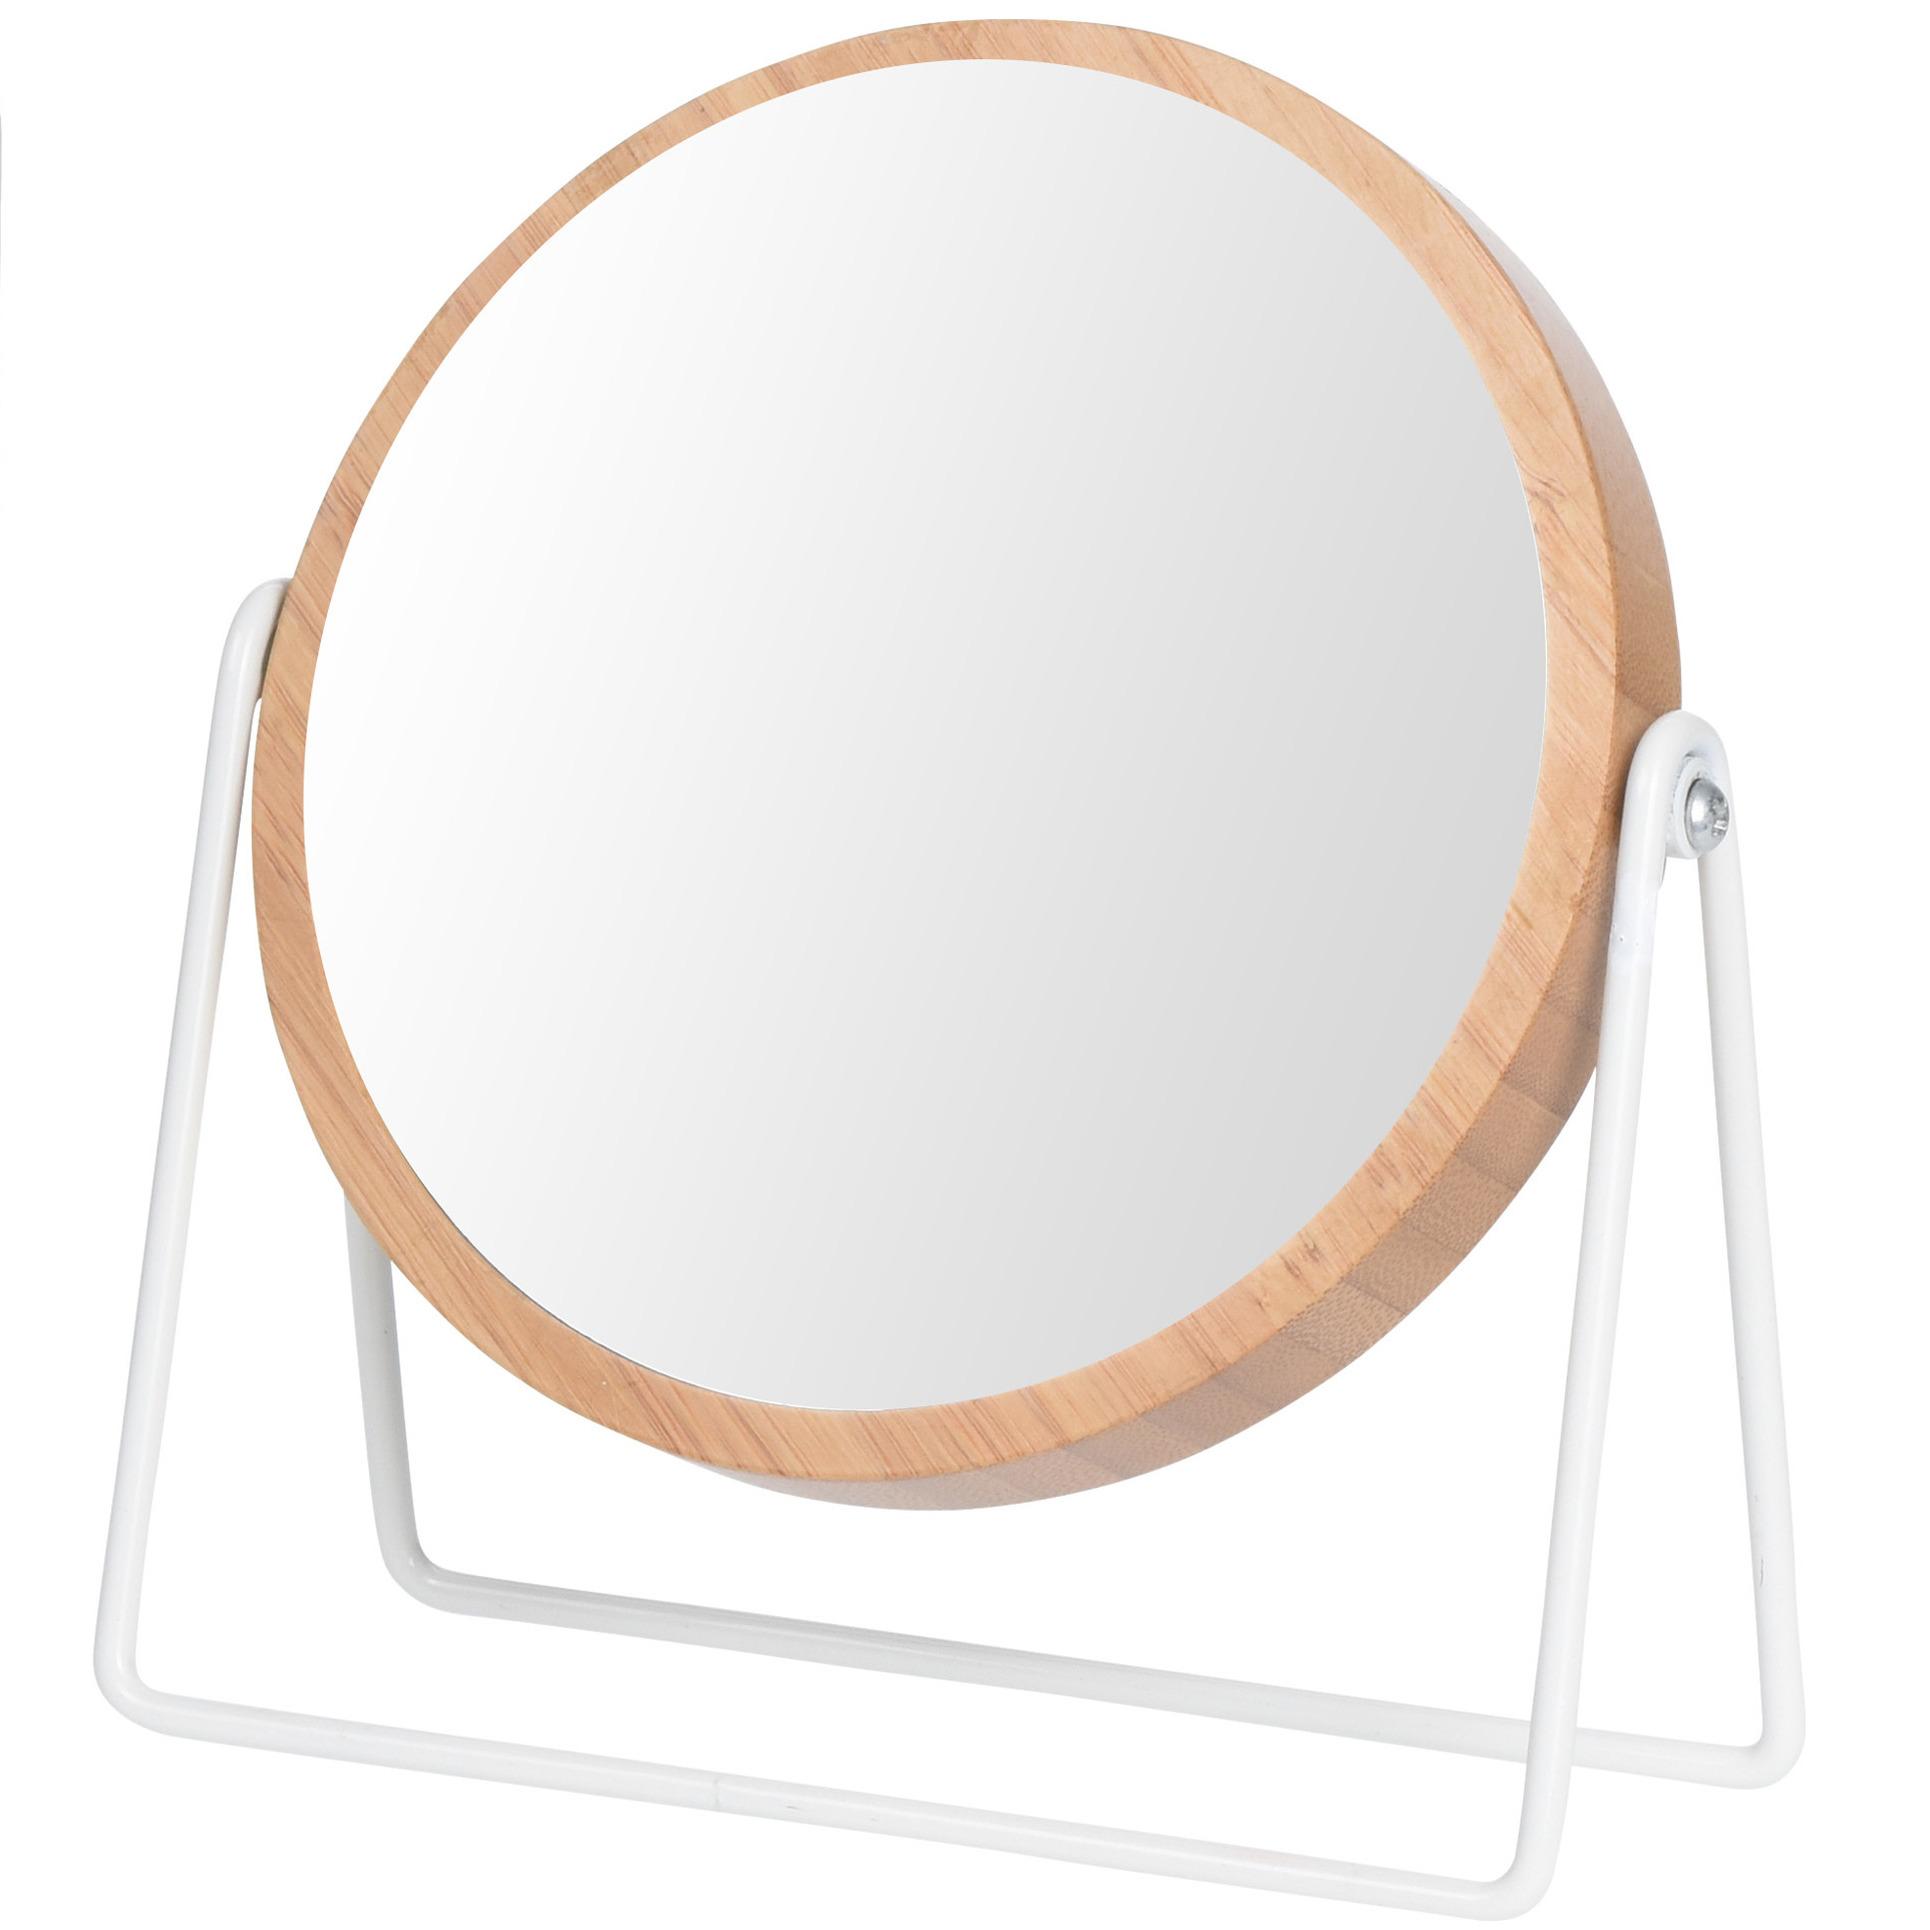 Houten make up spiegel rond dubbelzijdig 17 x 21 cm